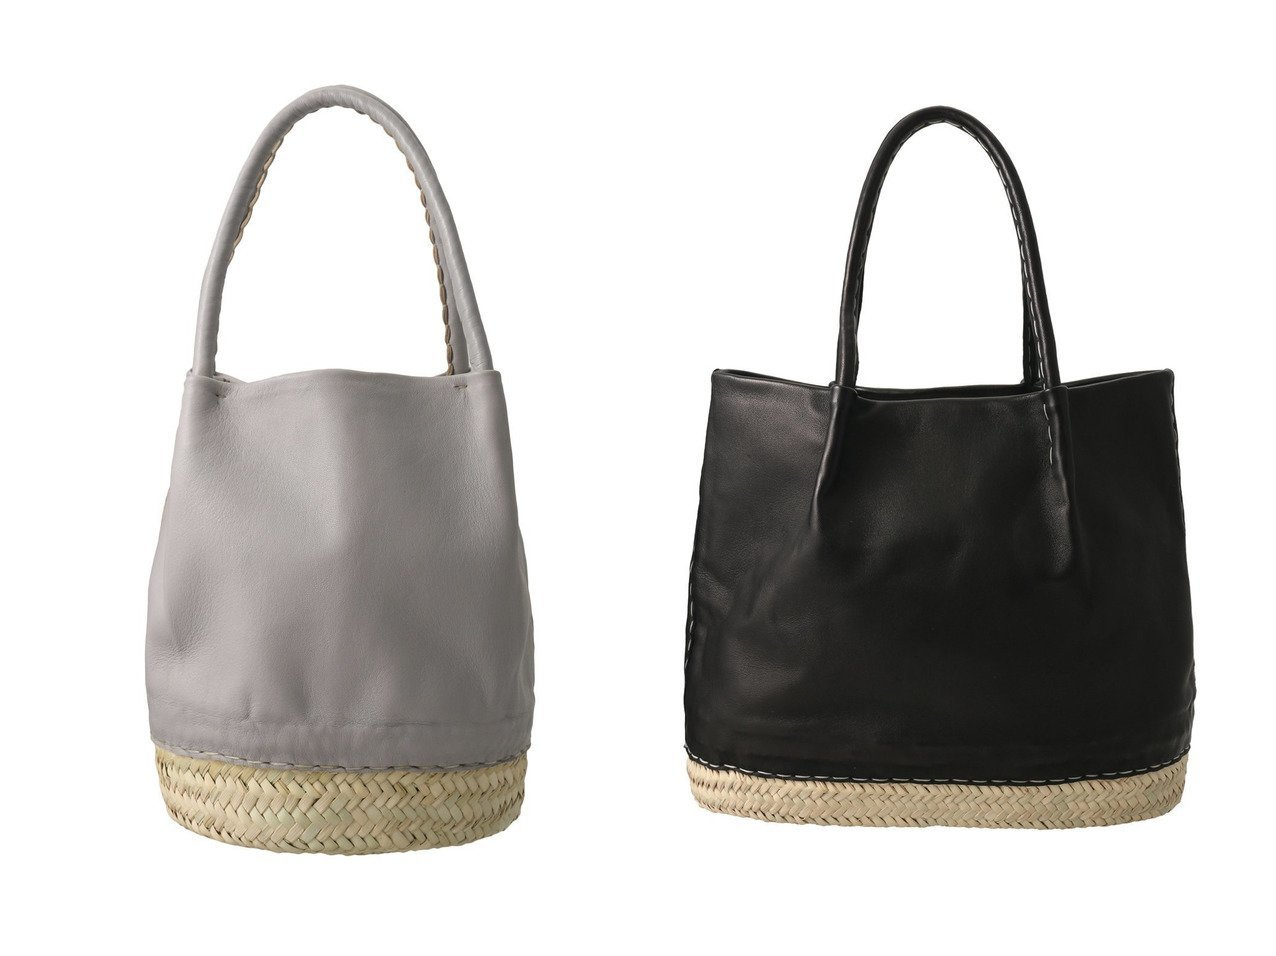 【HOUSE OF LOTUS/ハウス オブ ロータス】の【warang wayan】ノスノスバッグL&【warang wayan】ノスノスバッグM バッグのおすすめ!人気、レディースファッションの通販  おすすめで人気のファッション通販商品 インテリア・家具・キッズファッション・メンズファッション・レディースファッション・服の通販 founy(ファニー) https://founy.com/ ファッション Fashion レディース WOMEN シンプル ハンドバッグ |ID:crp329100000000425